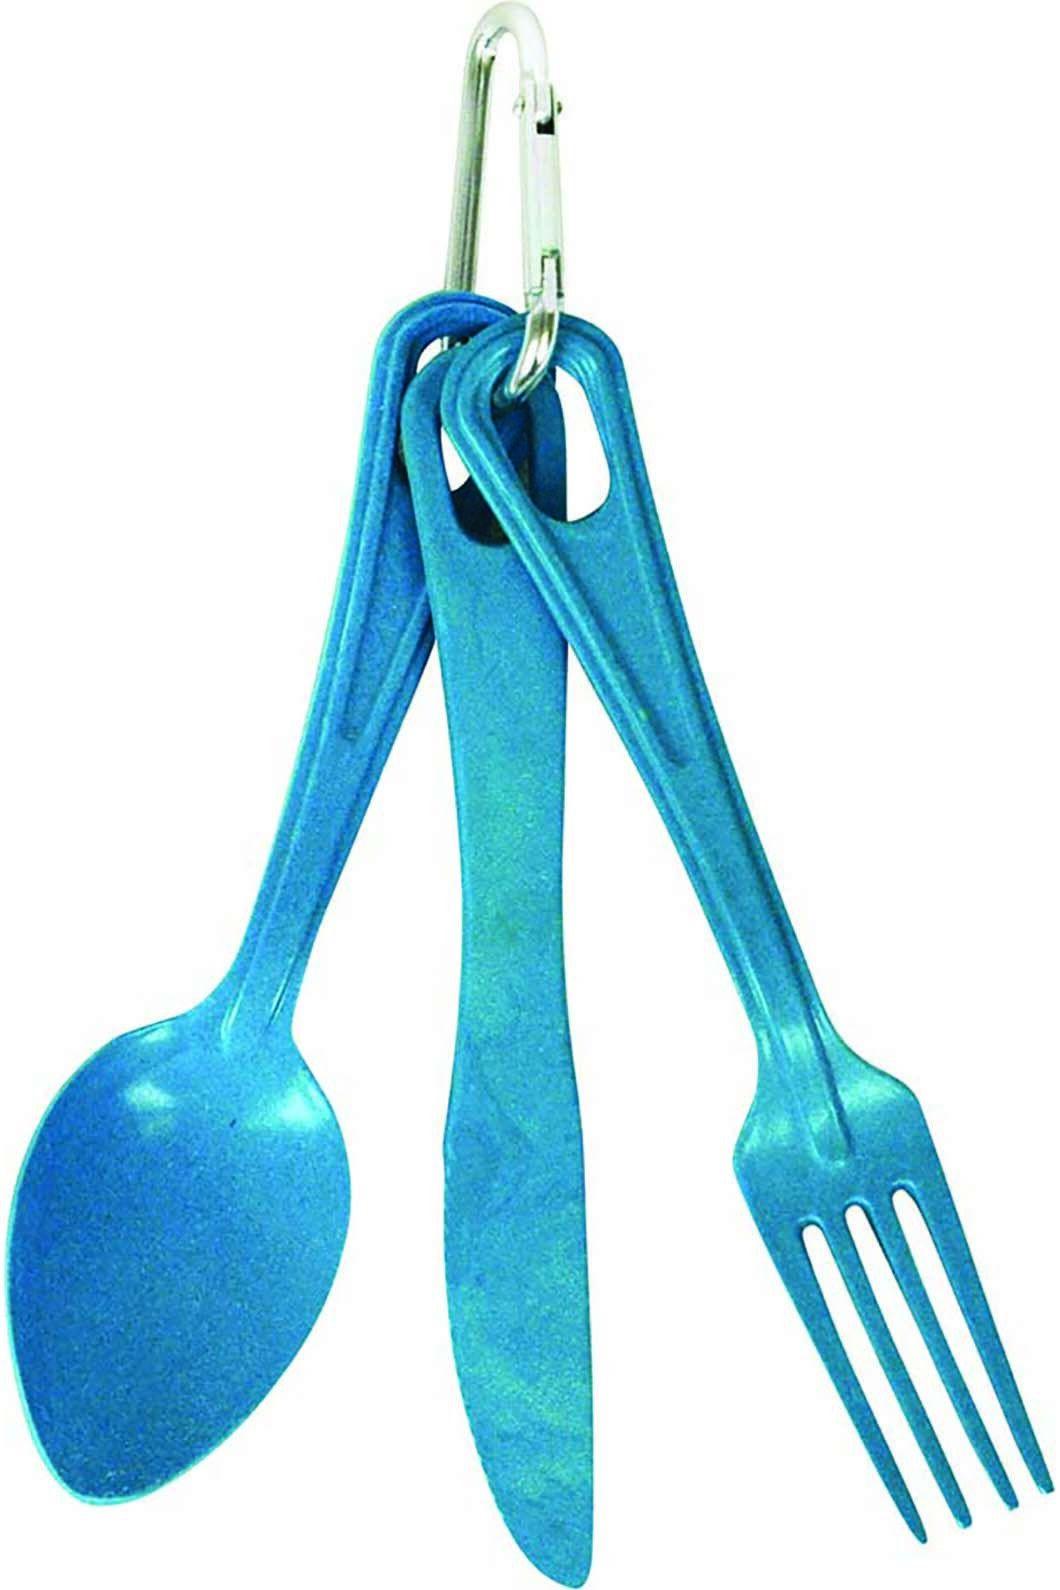 Outrak 3 Piece Cutlery Set, None, hi-res